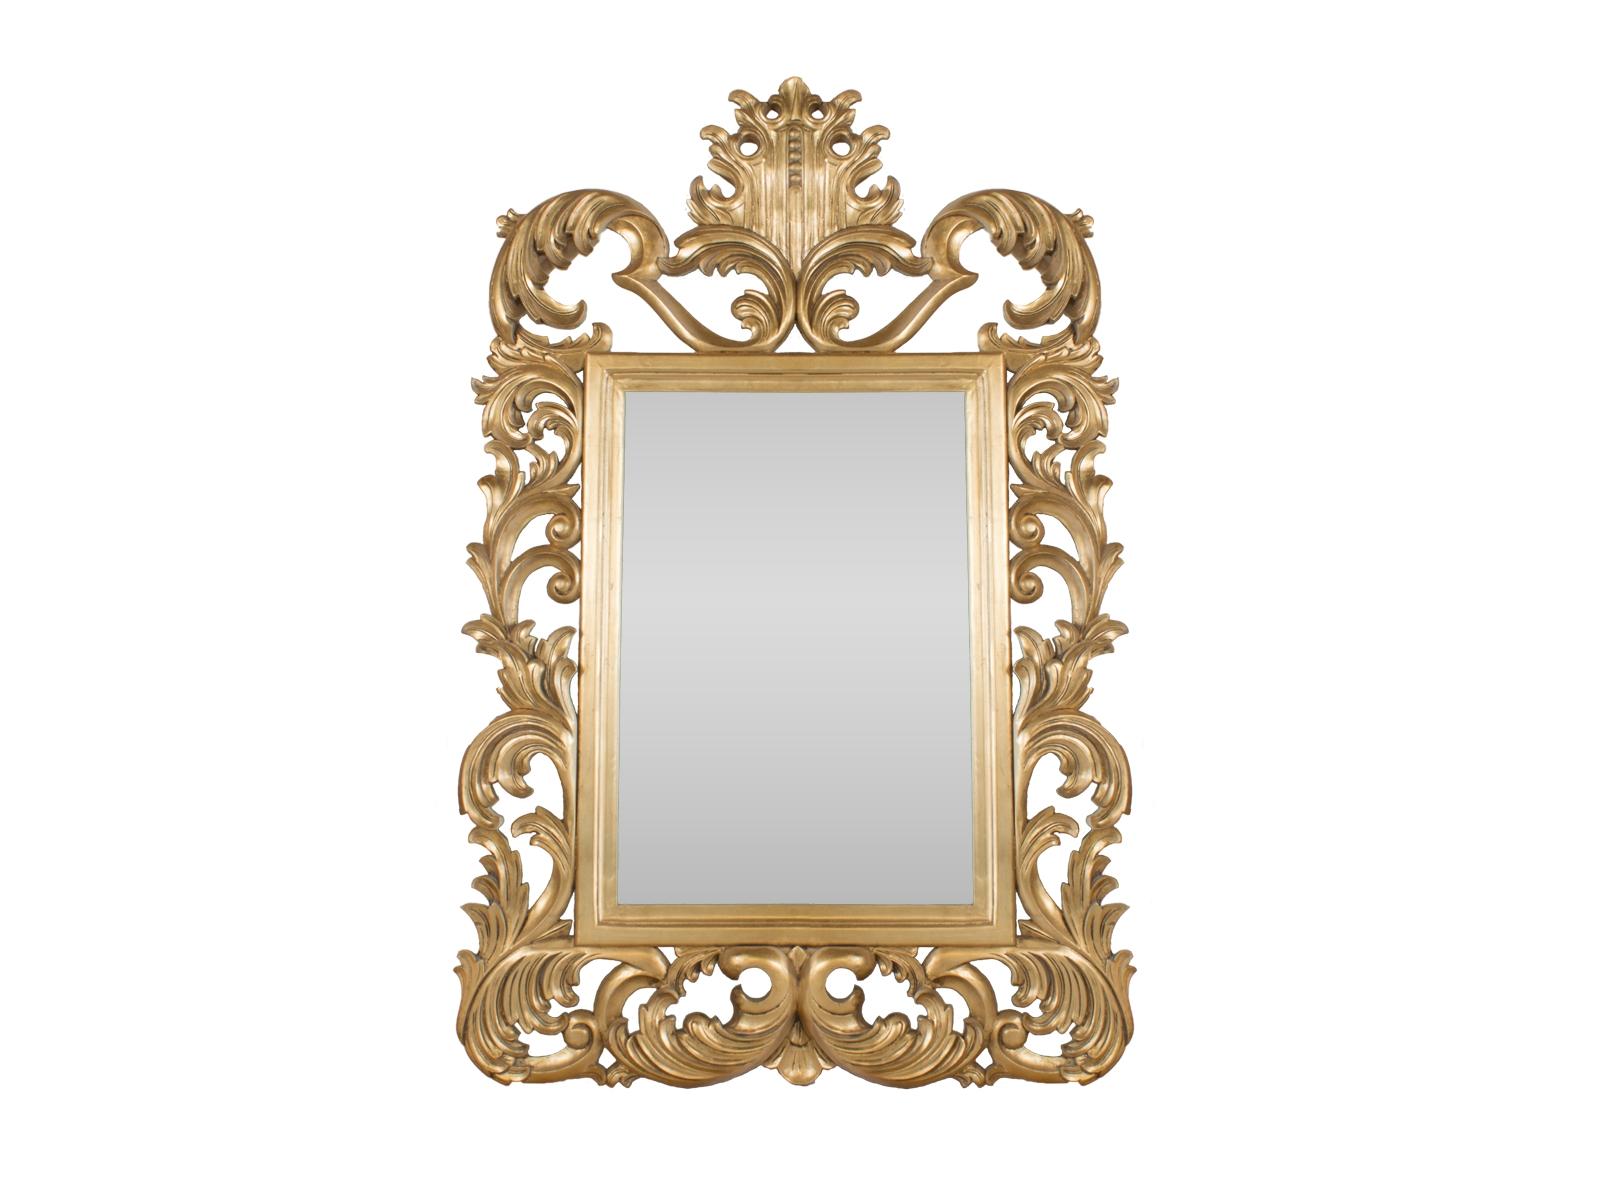 Gold Rococo Mirror – Hidden Mill Regarding Gold Rococo Mirror (Image 11 of 20)